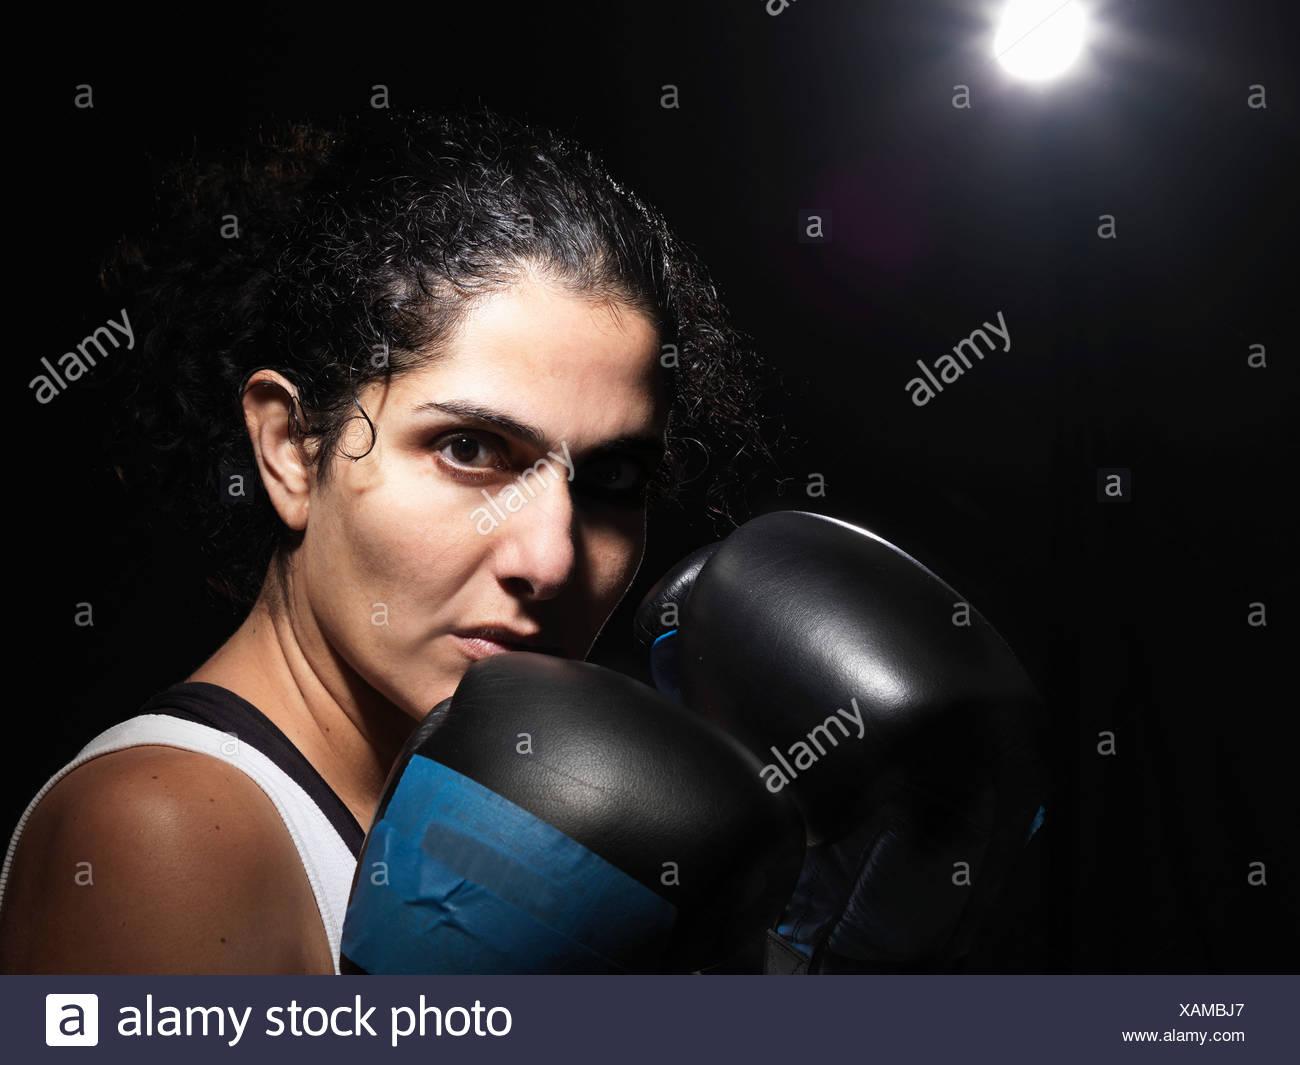 Porträt von Boxerin vor schwarzem Hintergrund Stockbild